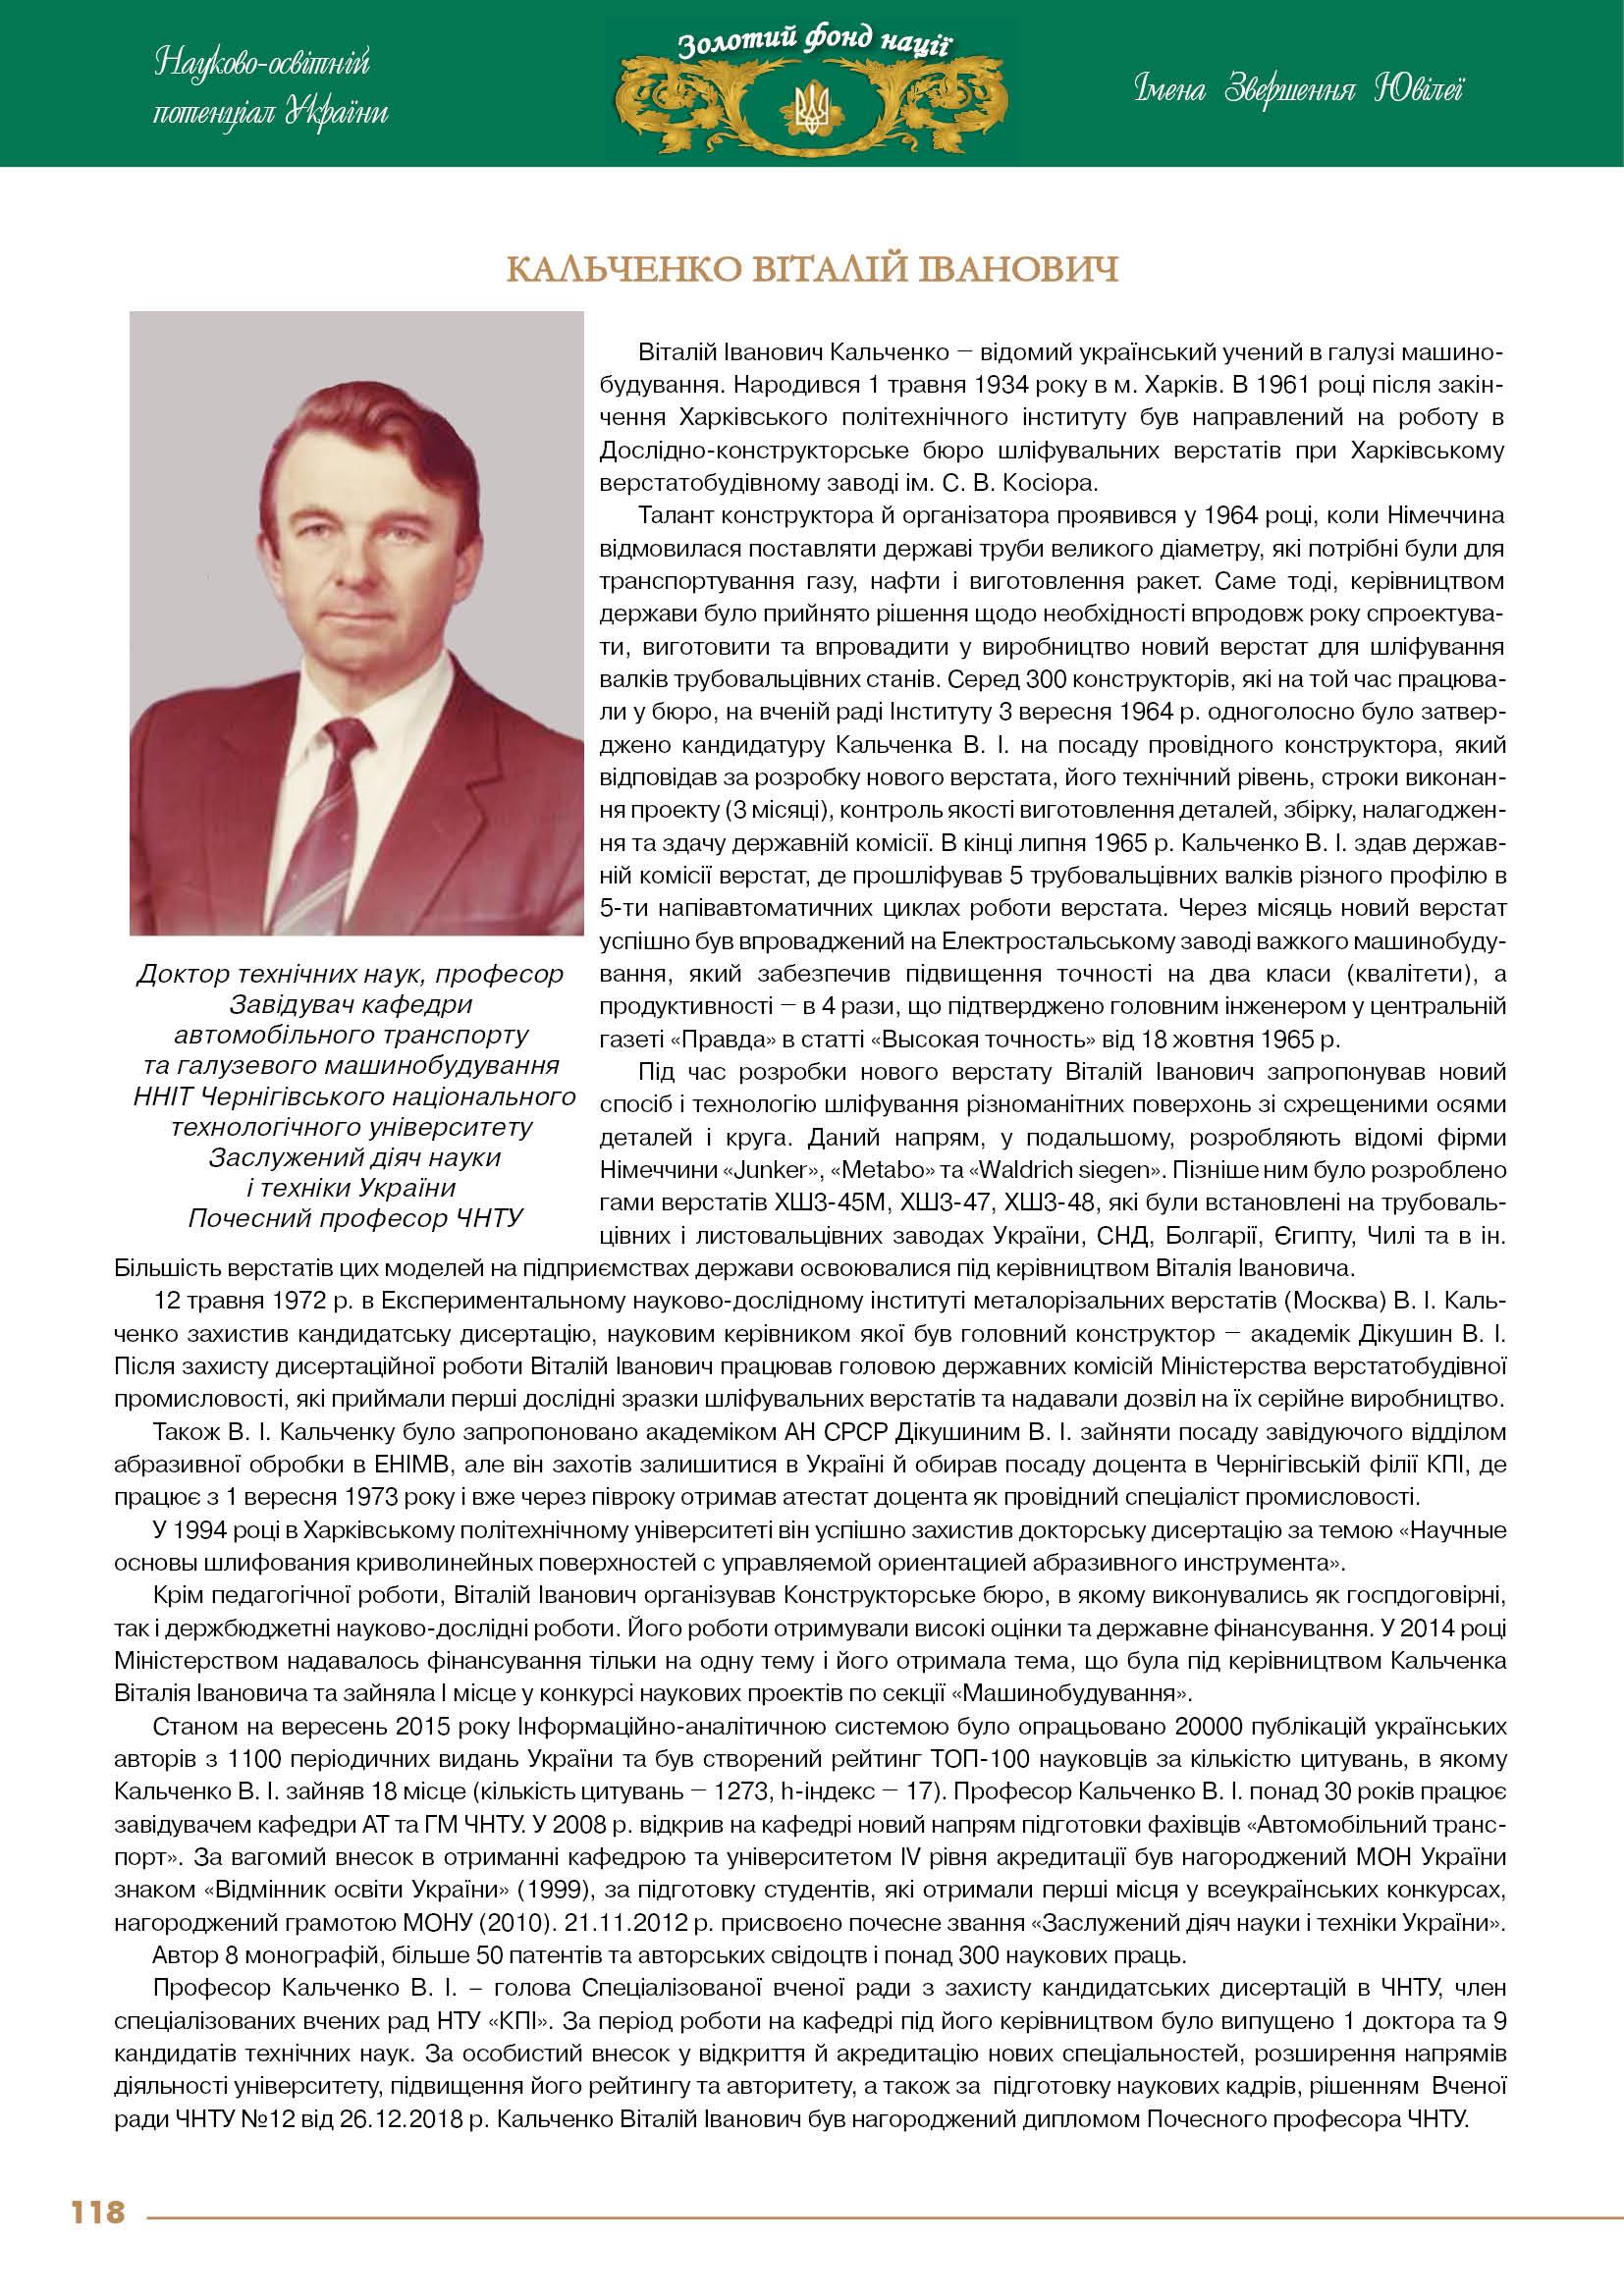 Кальченко Віталій Іванович